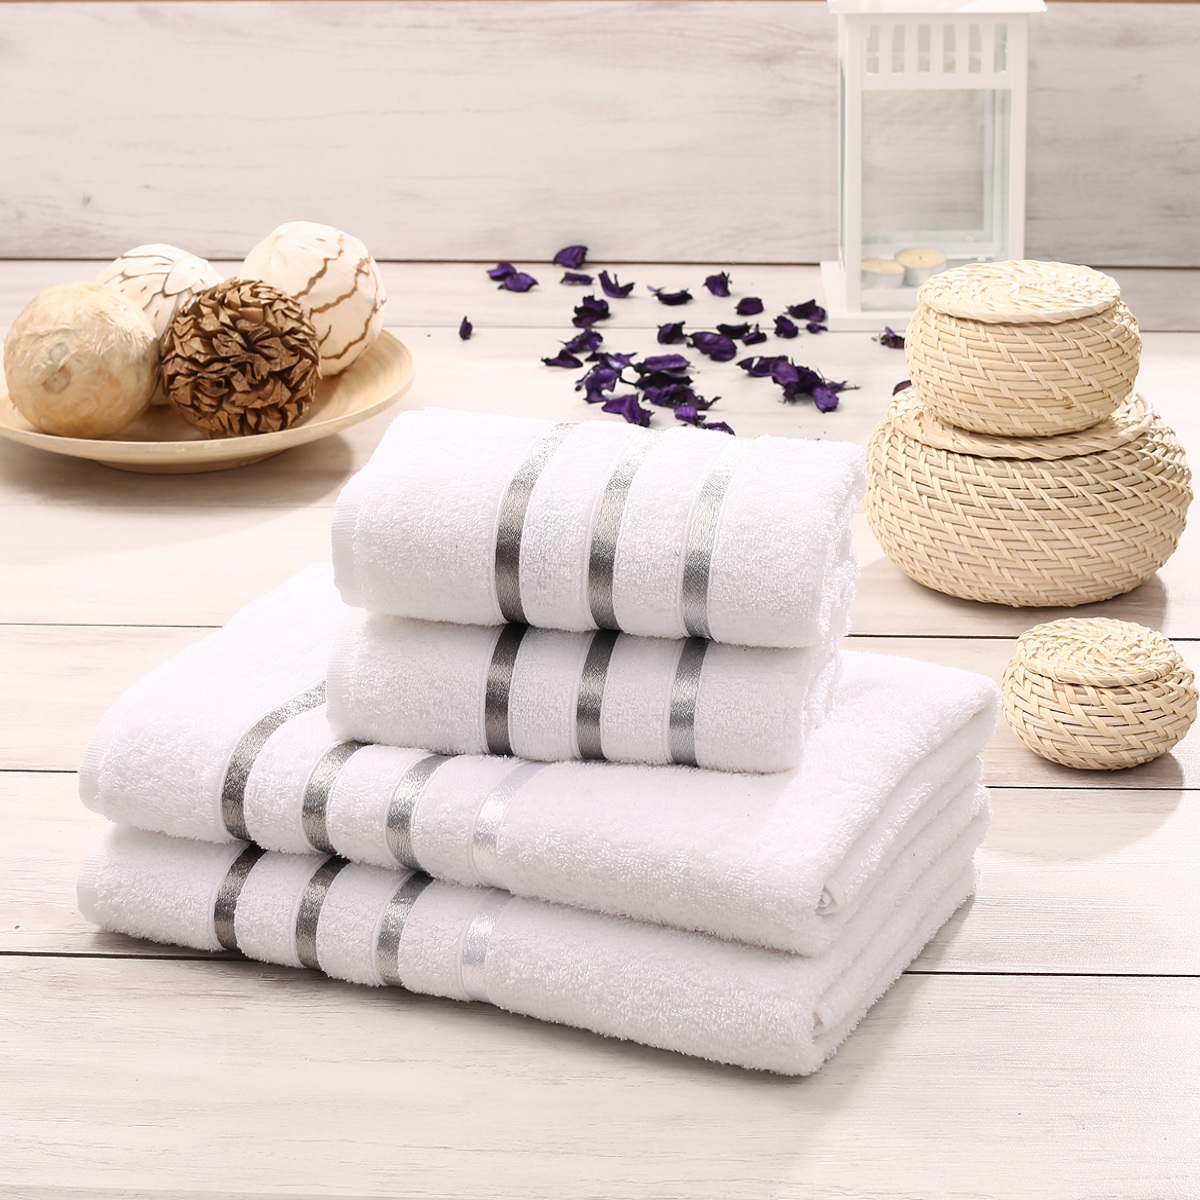 Набор полотенец Karna Bale, цвет: белый, 4 шт953/CHAR014Набор Karna Bale включает 2 полотенца для лица, рук и 2 банных полотенца. Изделия выполнены из высококачественного хлопка с отделкой в виде полос. Каждое полотенце отличается нежностью и мягкостью материала, утонченным дизайном и превосходным качеством. Они прекрасно впитывают влагу, быстро сохнут и не теряют своих свойств после многократных стирок. Такой набор создаст в вашей ванной царственное великолепие и подарит чувство ослепительного торжества. А также станет приятным подарком для ваших близких или друзей. Набор украшен текстильной лентой.